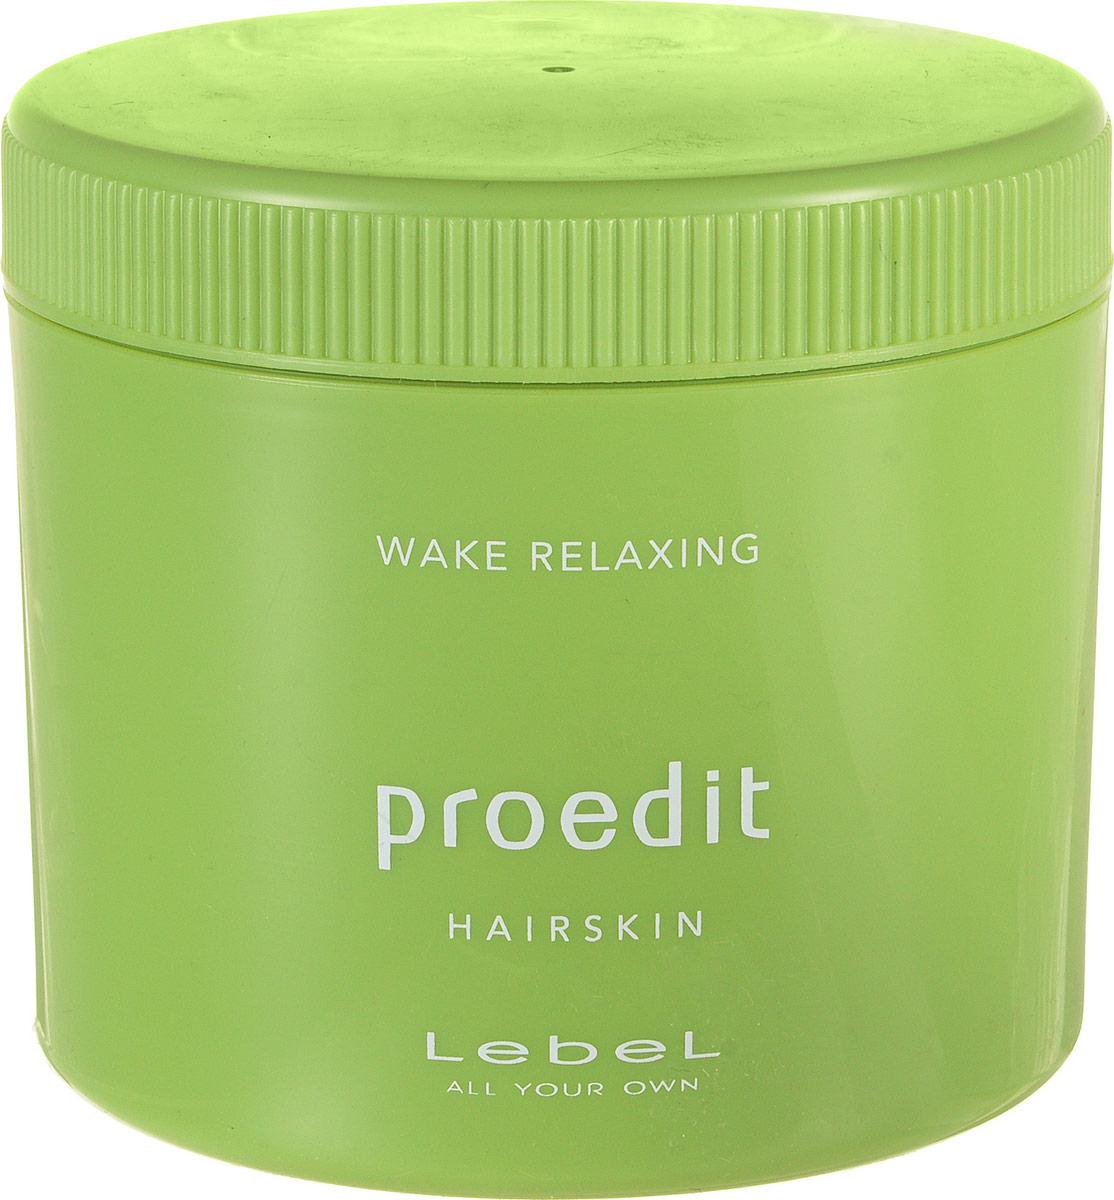 Lebel Proedit Крем для волос Пробуждение Hairskin Wake Relaxing 360 гKap567Крем для волос «Пробуждение» Lebel Proedit Hairskin:Стимулирует рост волос.Снимает мышечное напряжение кожи головы. Придаёт волосам эластичность, гладкость, блеск. Делает волосы послушными, податливыми укладке.Идеален для жёстких и сухих волос. SPF 10.